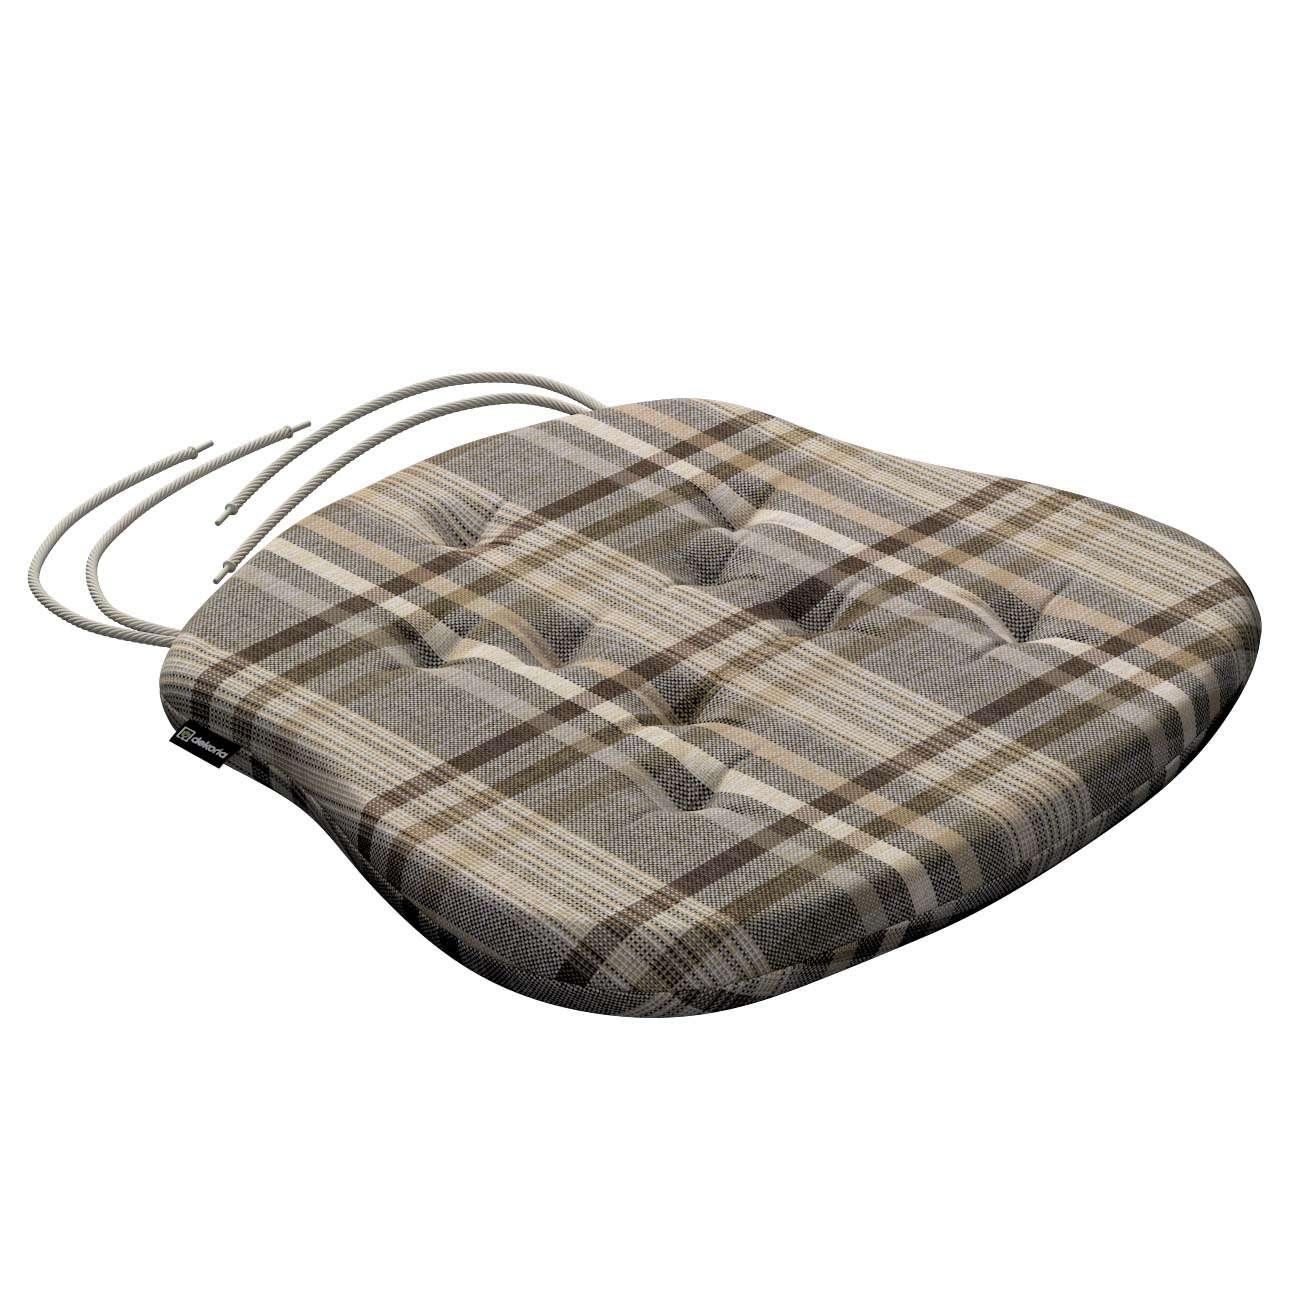 Siedzisko Filip na krzesło w kolekcji Edinburgh, tkanina: 703-17